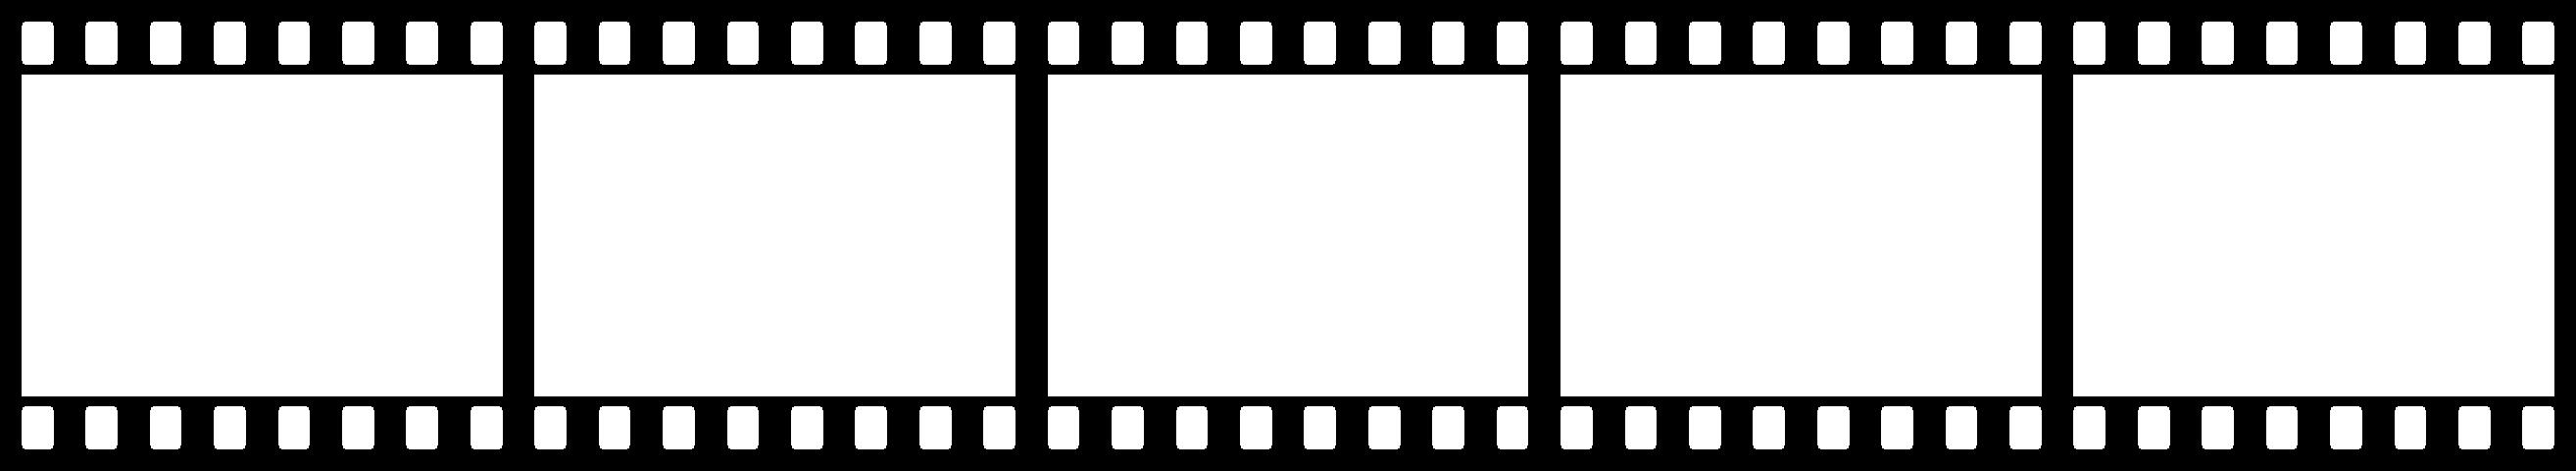 Film Strip Clipart Frame Clipartall-Film strip clipart frame clipartall-4